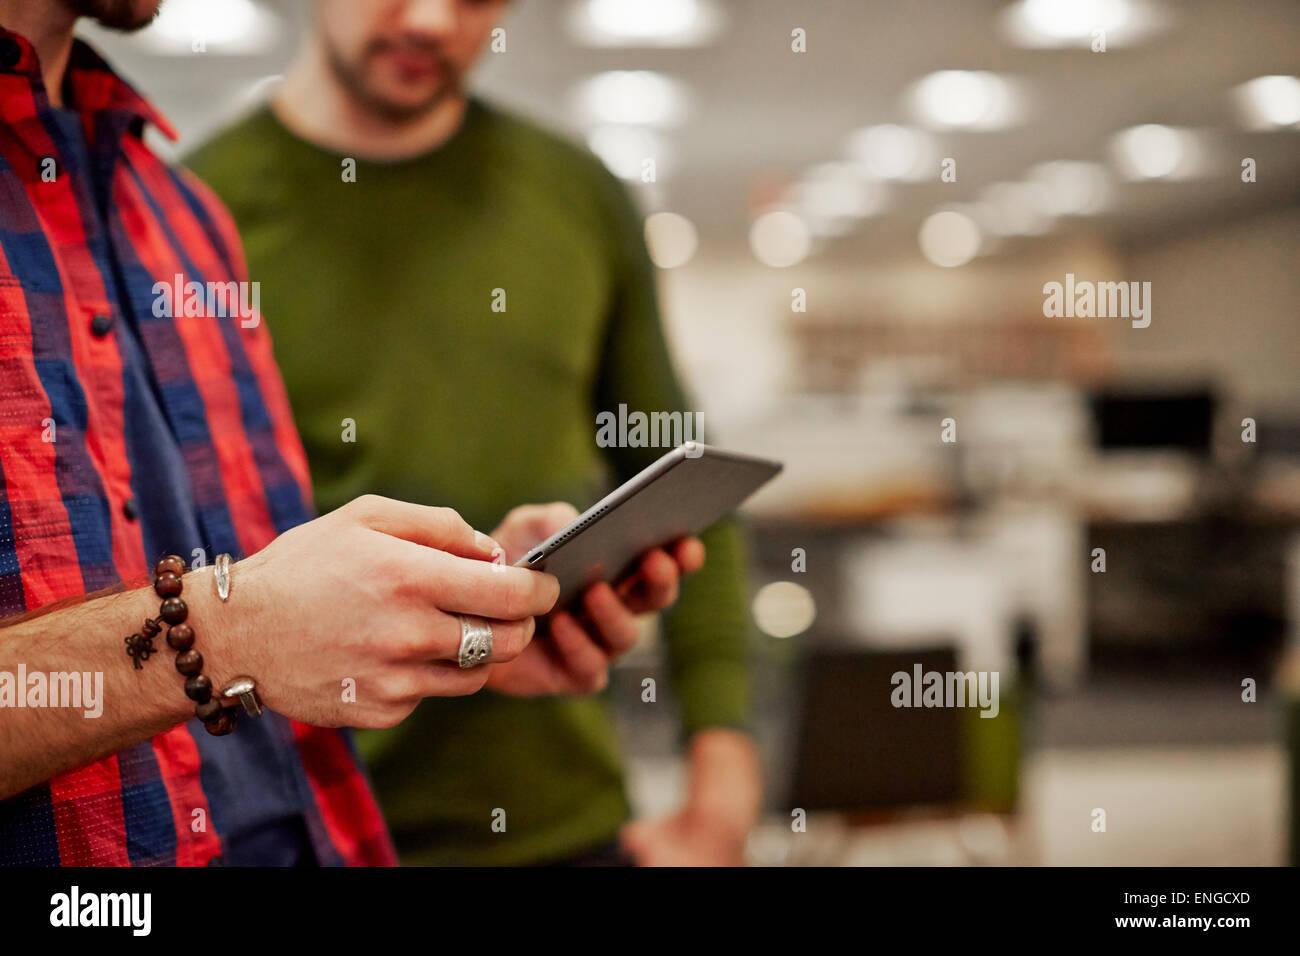 Dos hombres mirando una pantalla tableta digital. Foto de stock